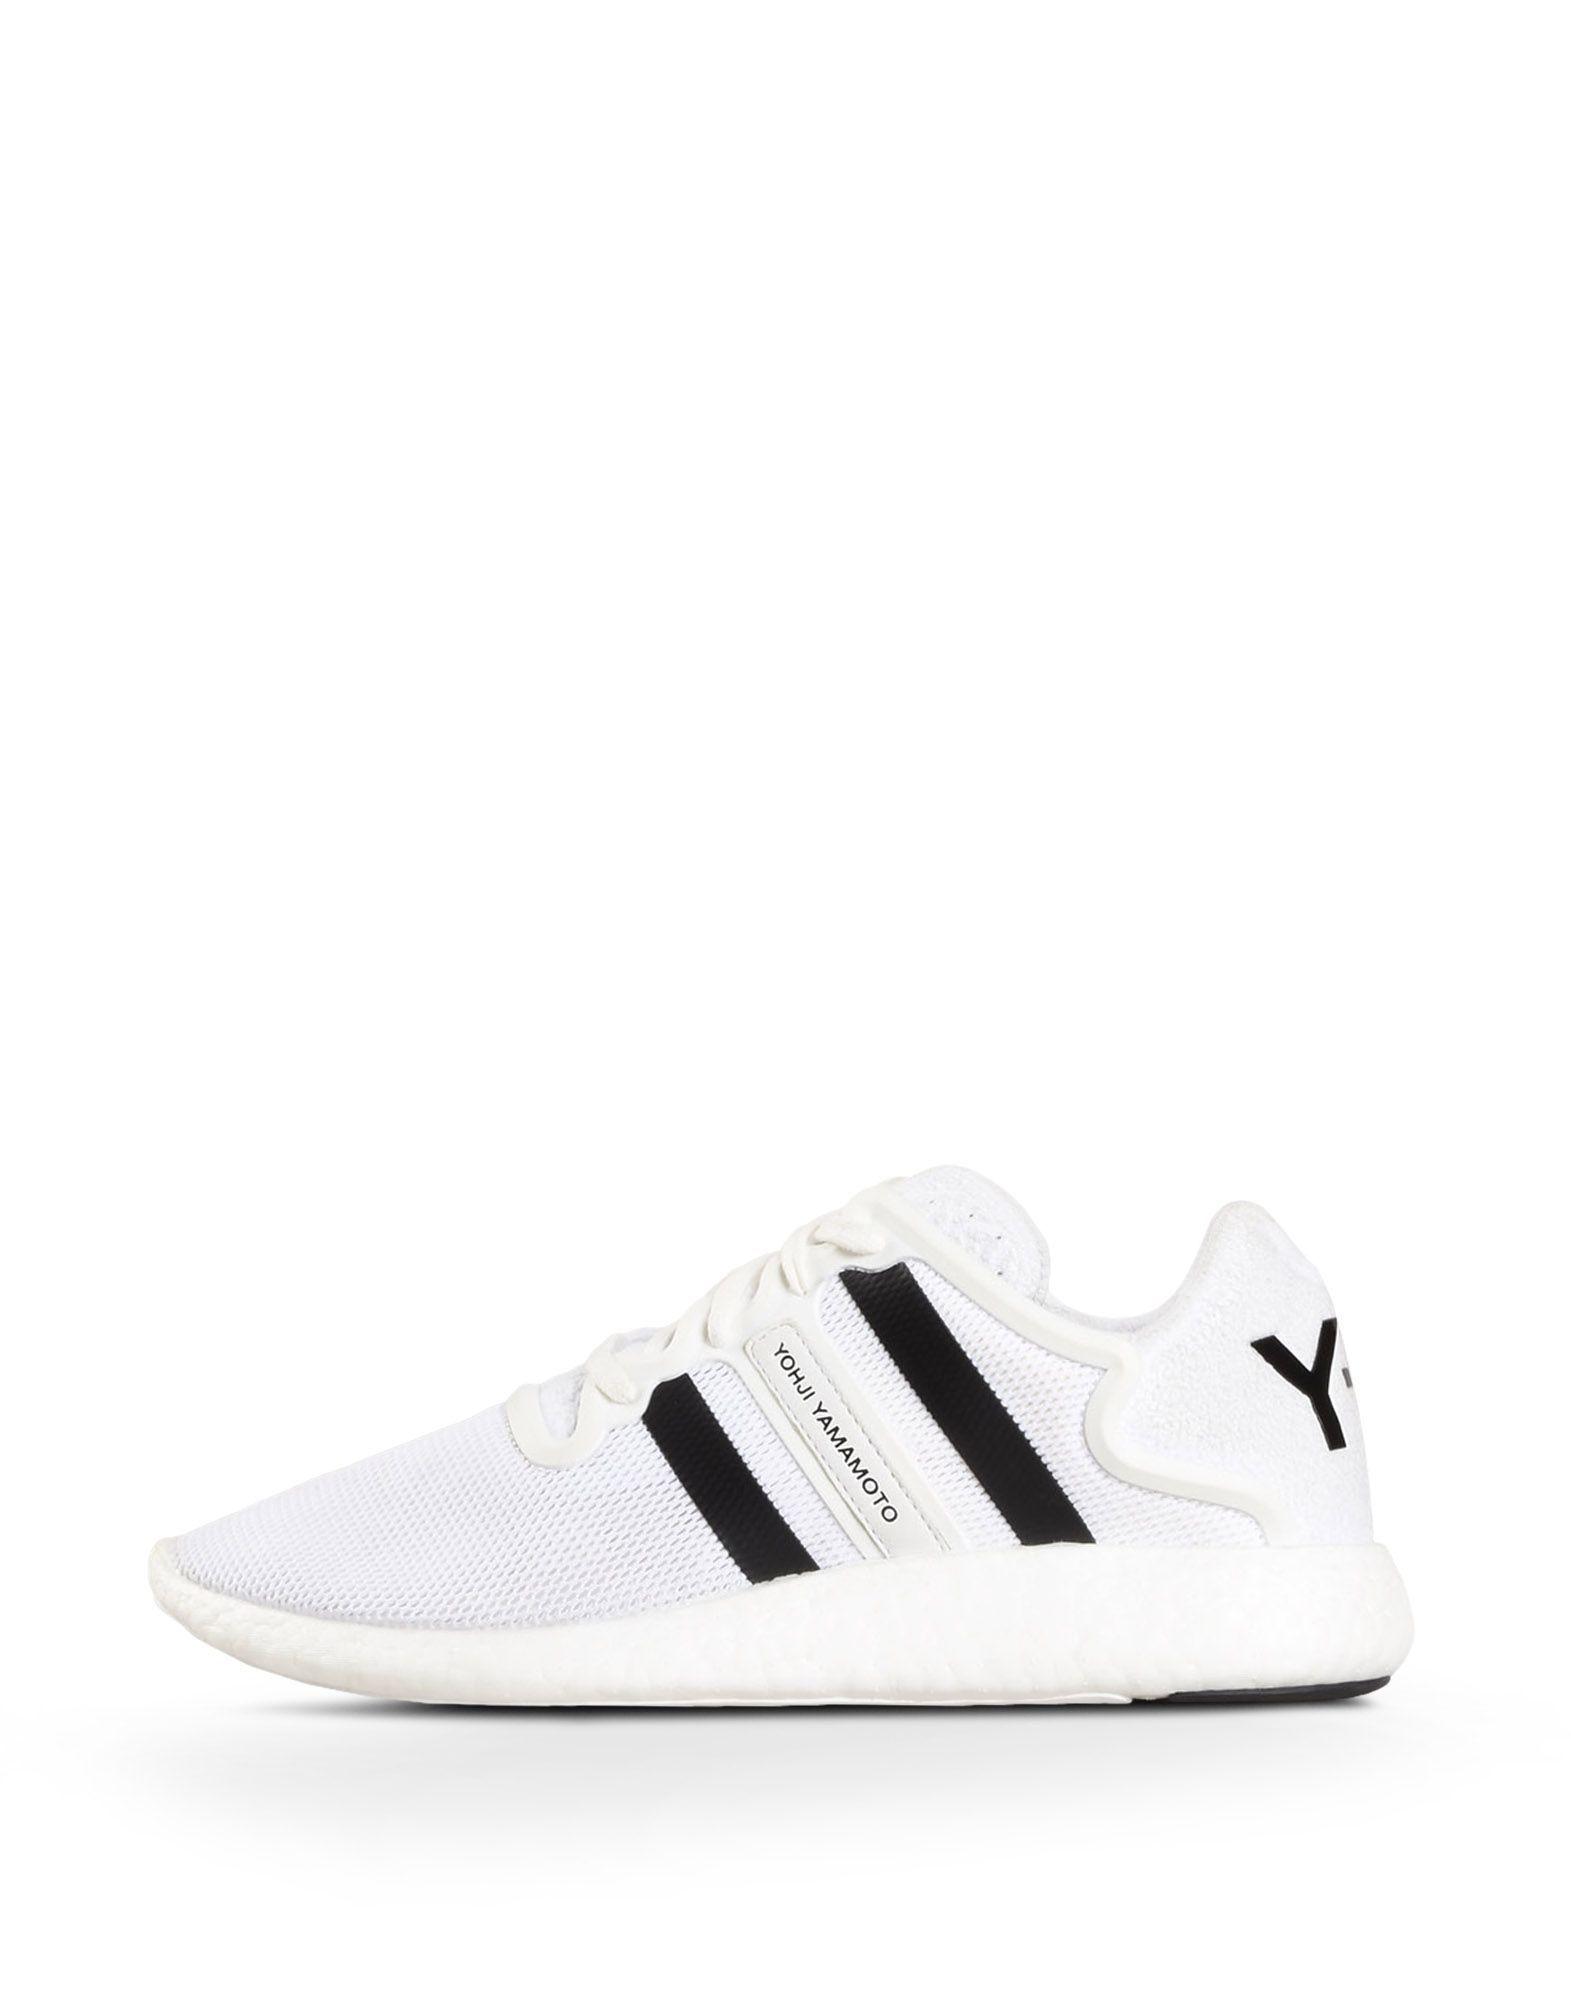 fbd2c0fa59fd6 Y-3 YOHJI RUN SHOES unisex Y-3 adidas